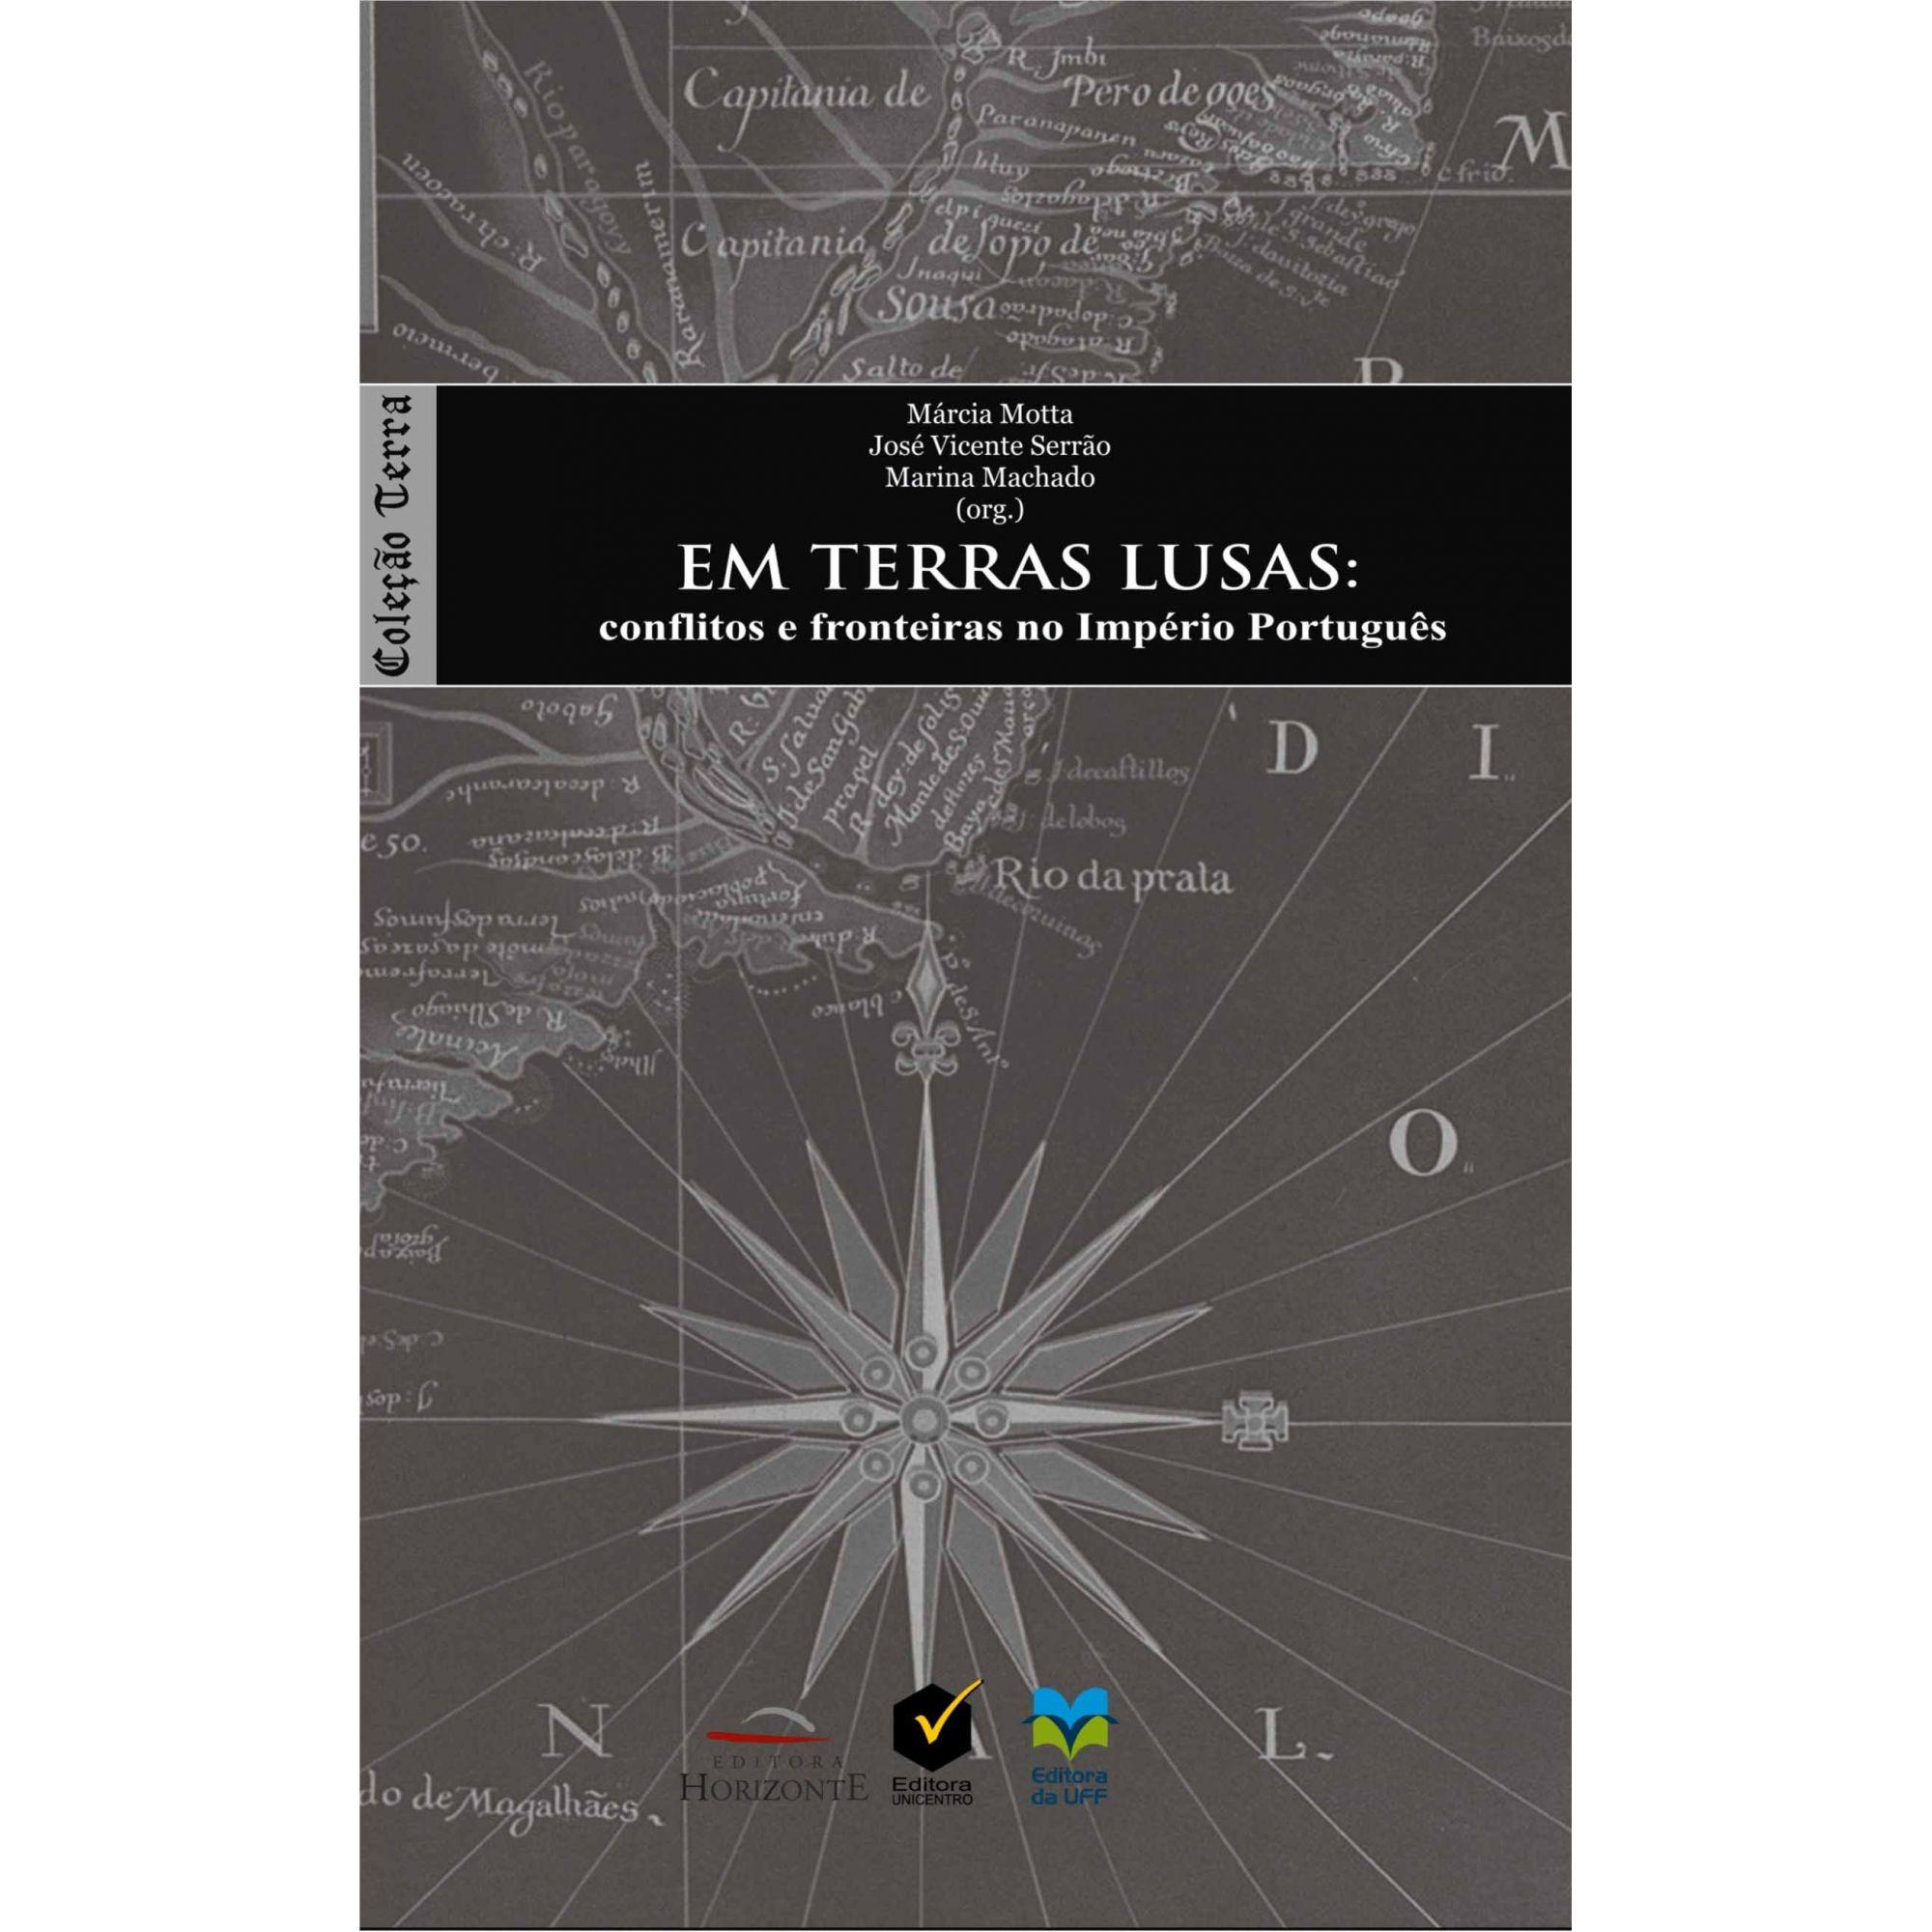 Em Terras Lusas: Conflitos e Fronteiras no Império Português